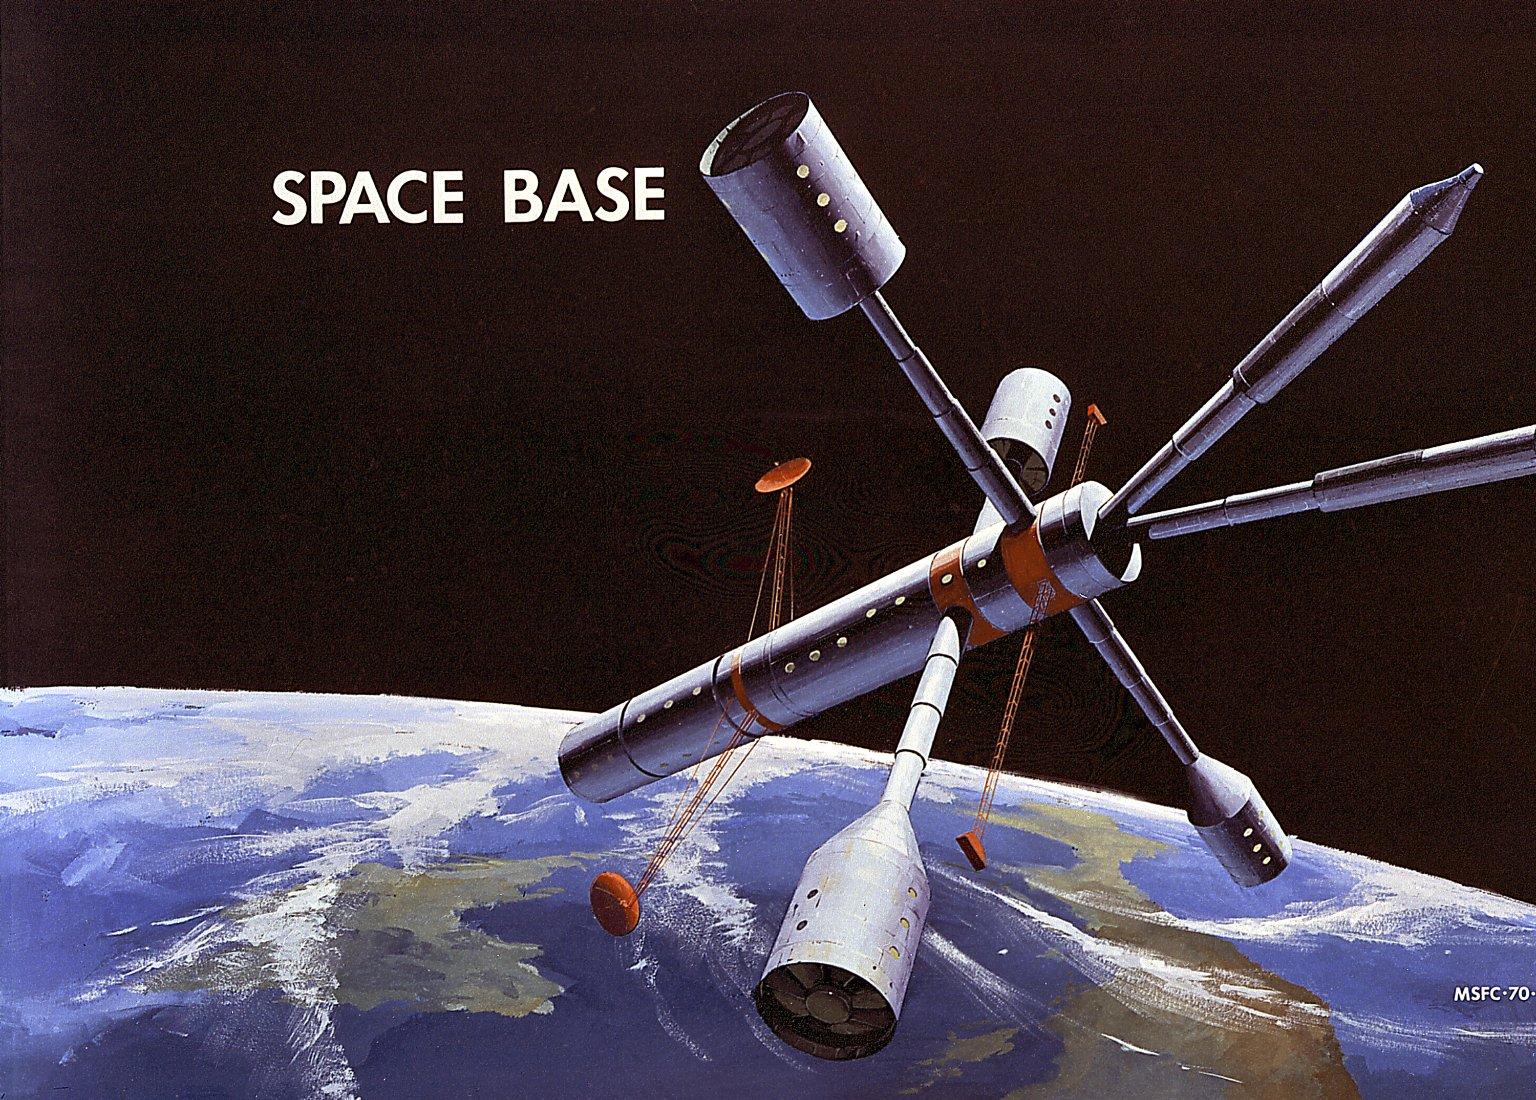 Exploration Quotes Quotesgram: Exploration Space Race Quotes. QuotesGram